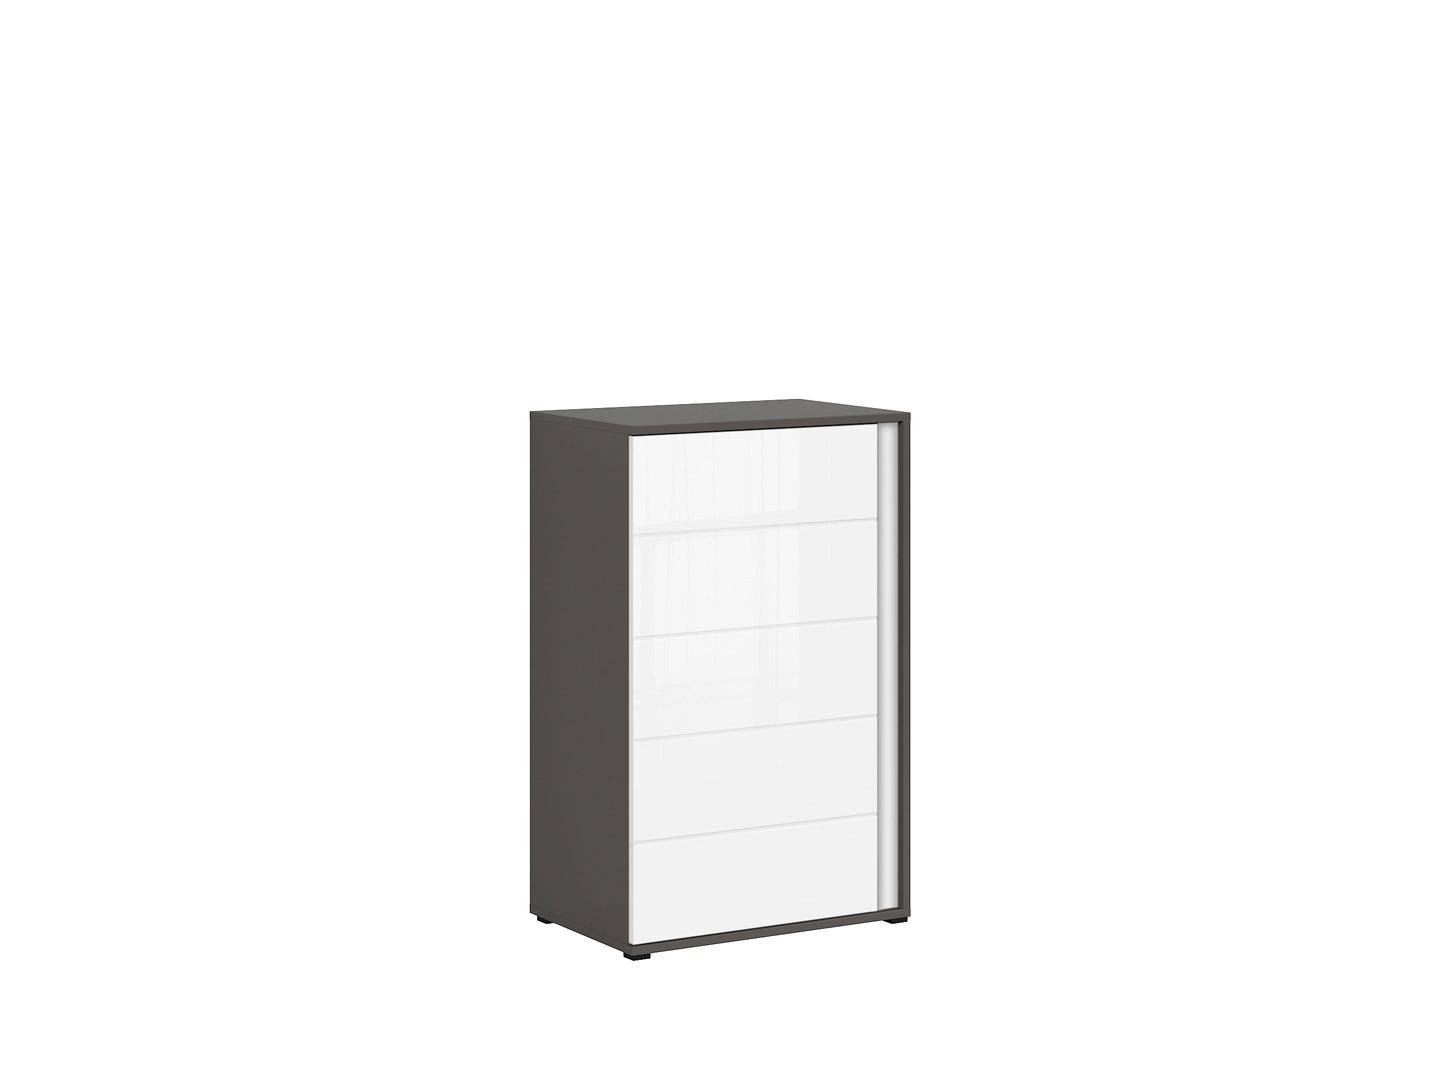 Skrinka GRAPHIC KOM1DL/A sivý wolfram/biely vysoký lesk